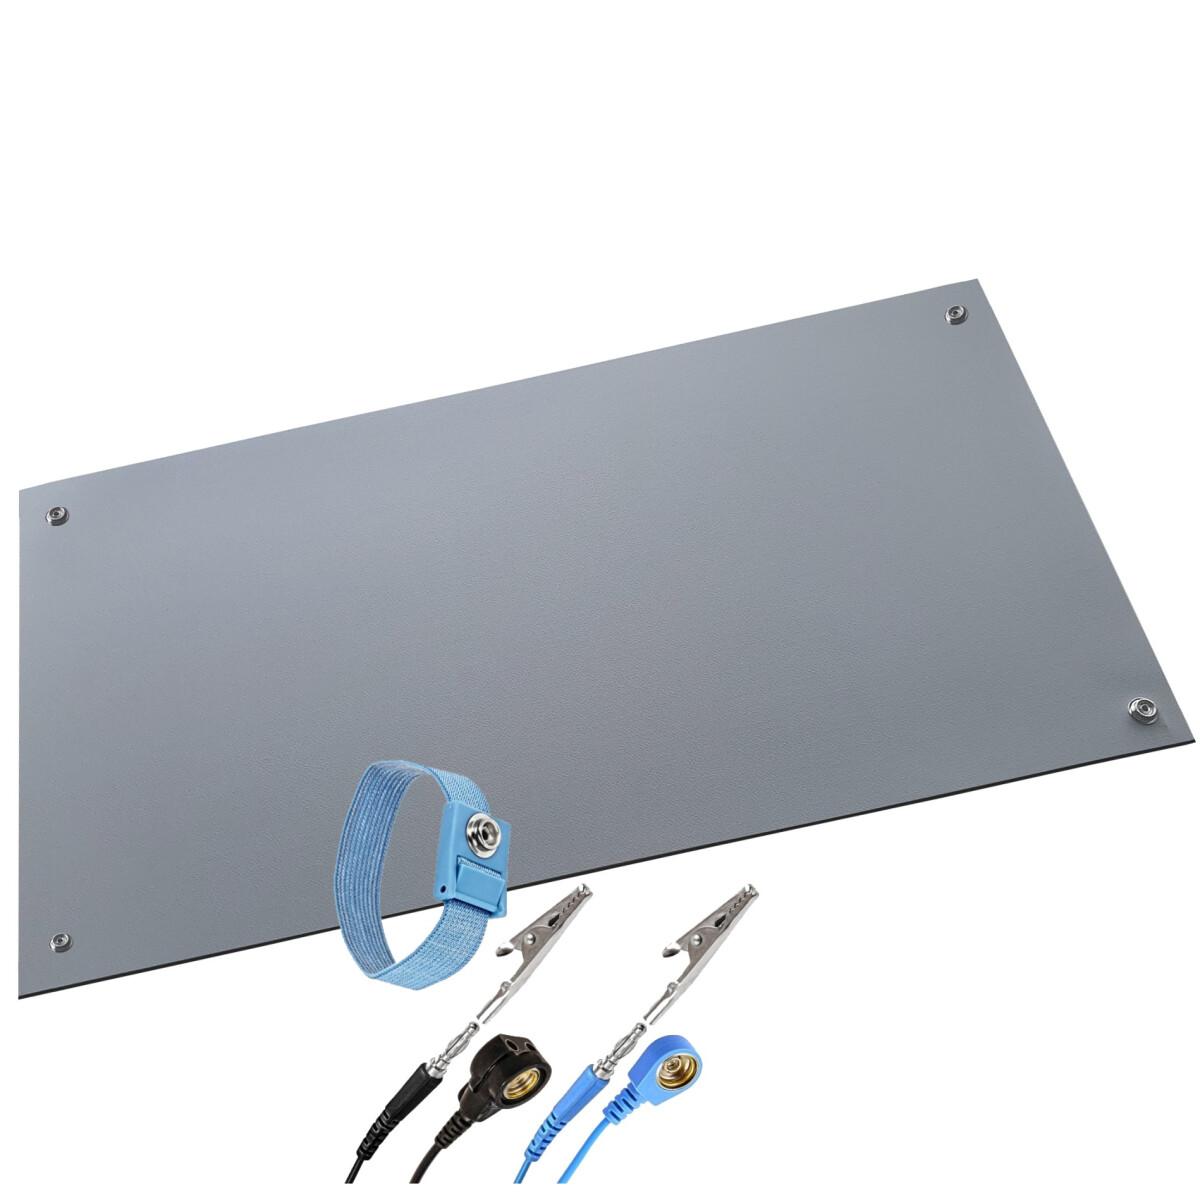 Minadax® ESD Antistatik-Matte 50 cm x 60 cm - inkl. Manschette + Verlängerung - Professionelle Antistatische Arbeitsmatte - PVC-Matte mit Erdungskabel - Qualität - ESD-Schutz